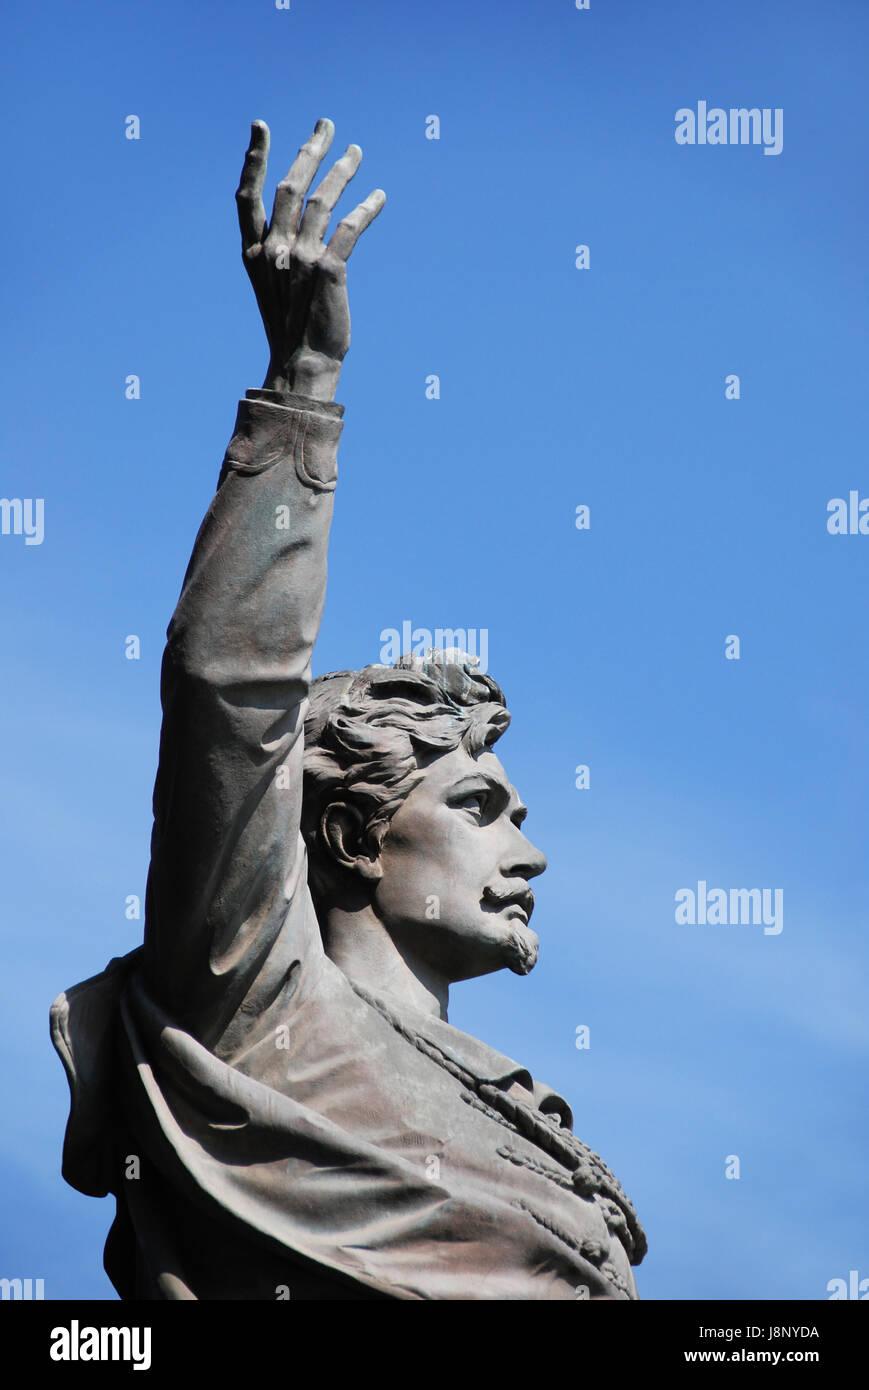 monument, budapest, poet, revolution, revolutionary, blue, hand, finger, Stock Photo